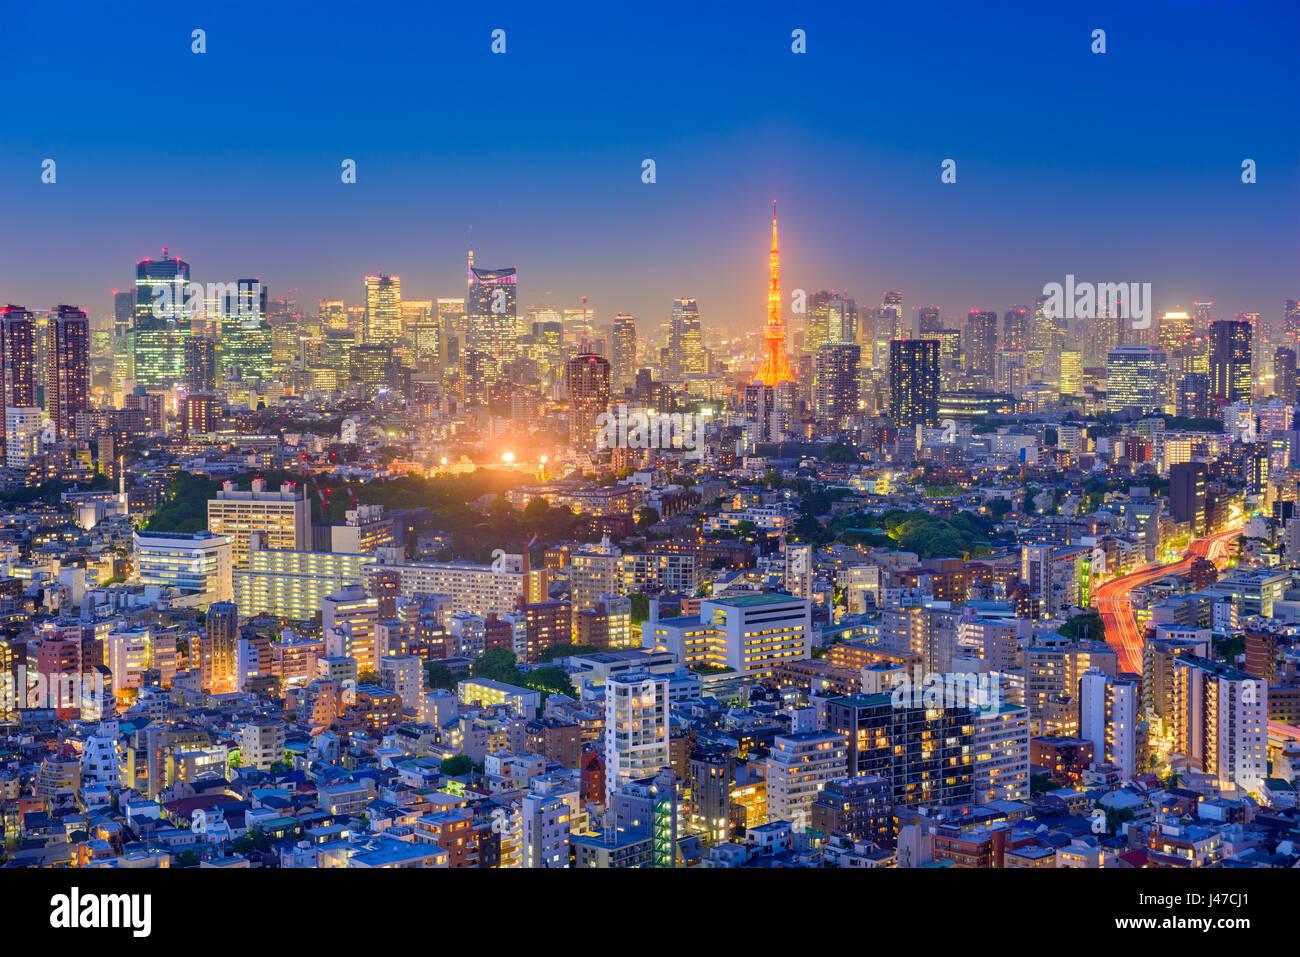 El horizonte de la ciudad de Tokio, Japón. Foto de stock